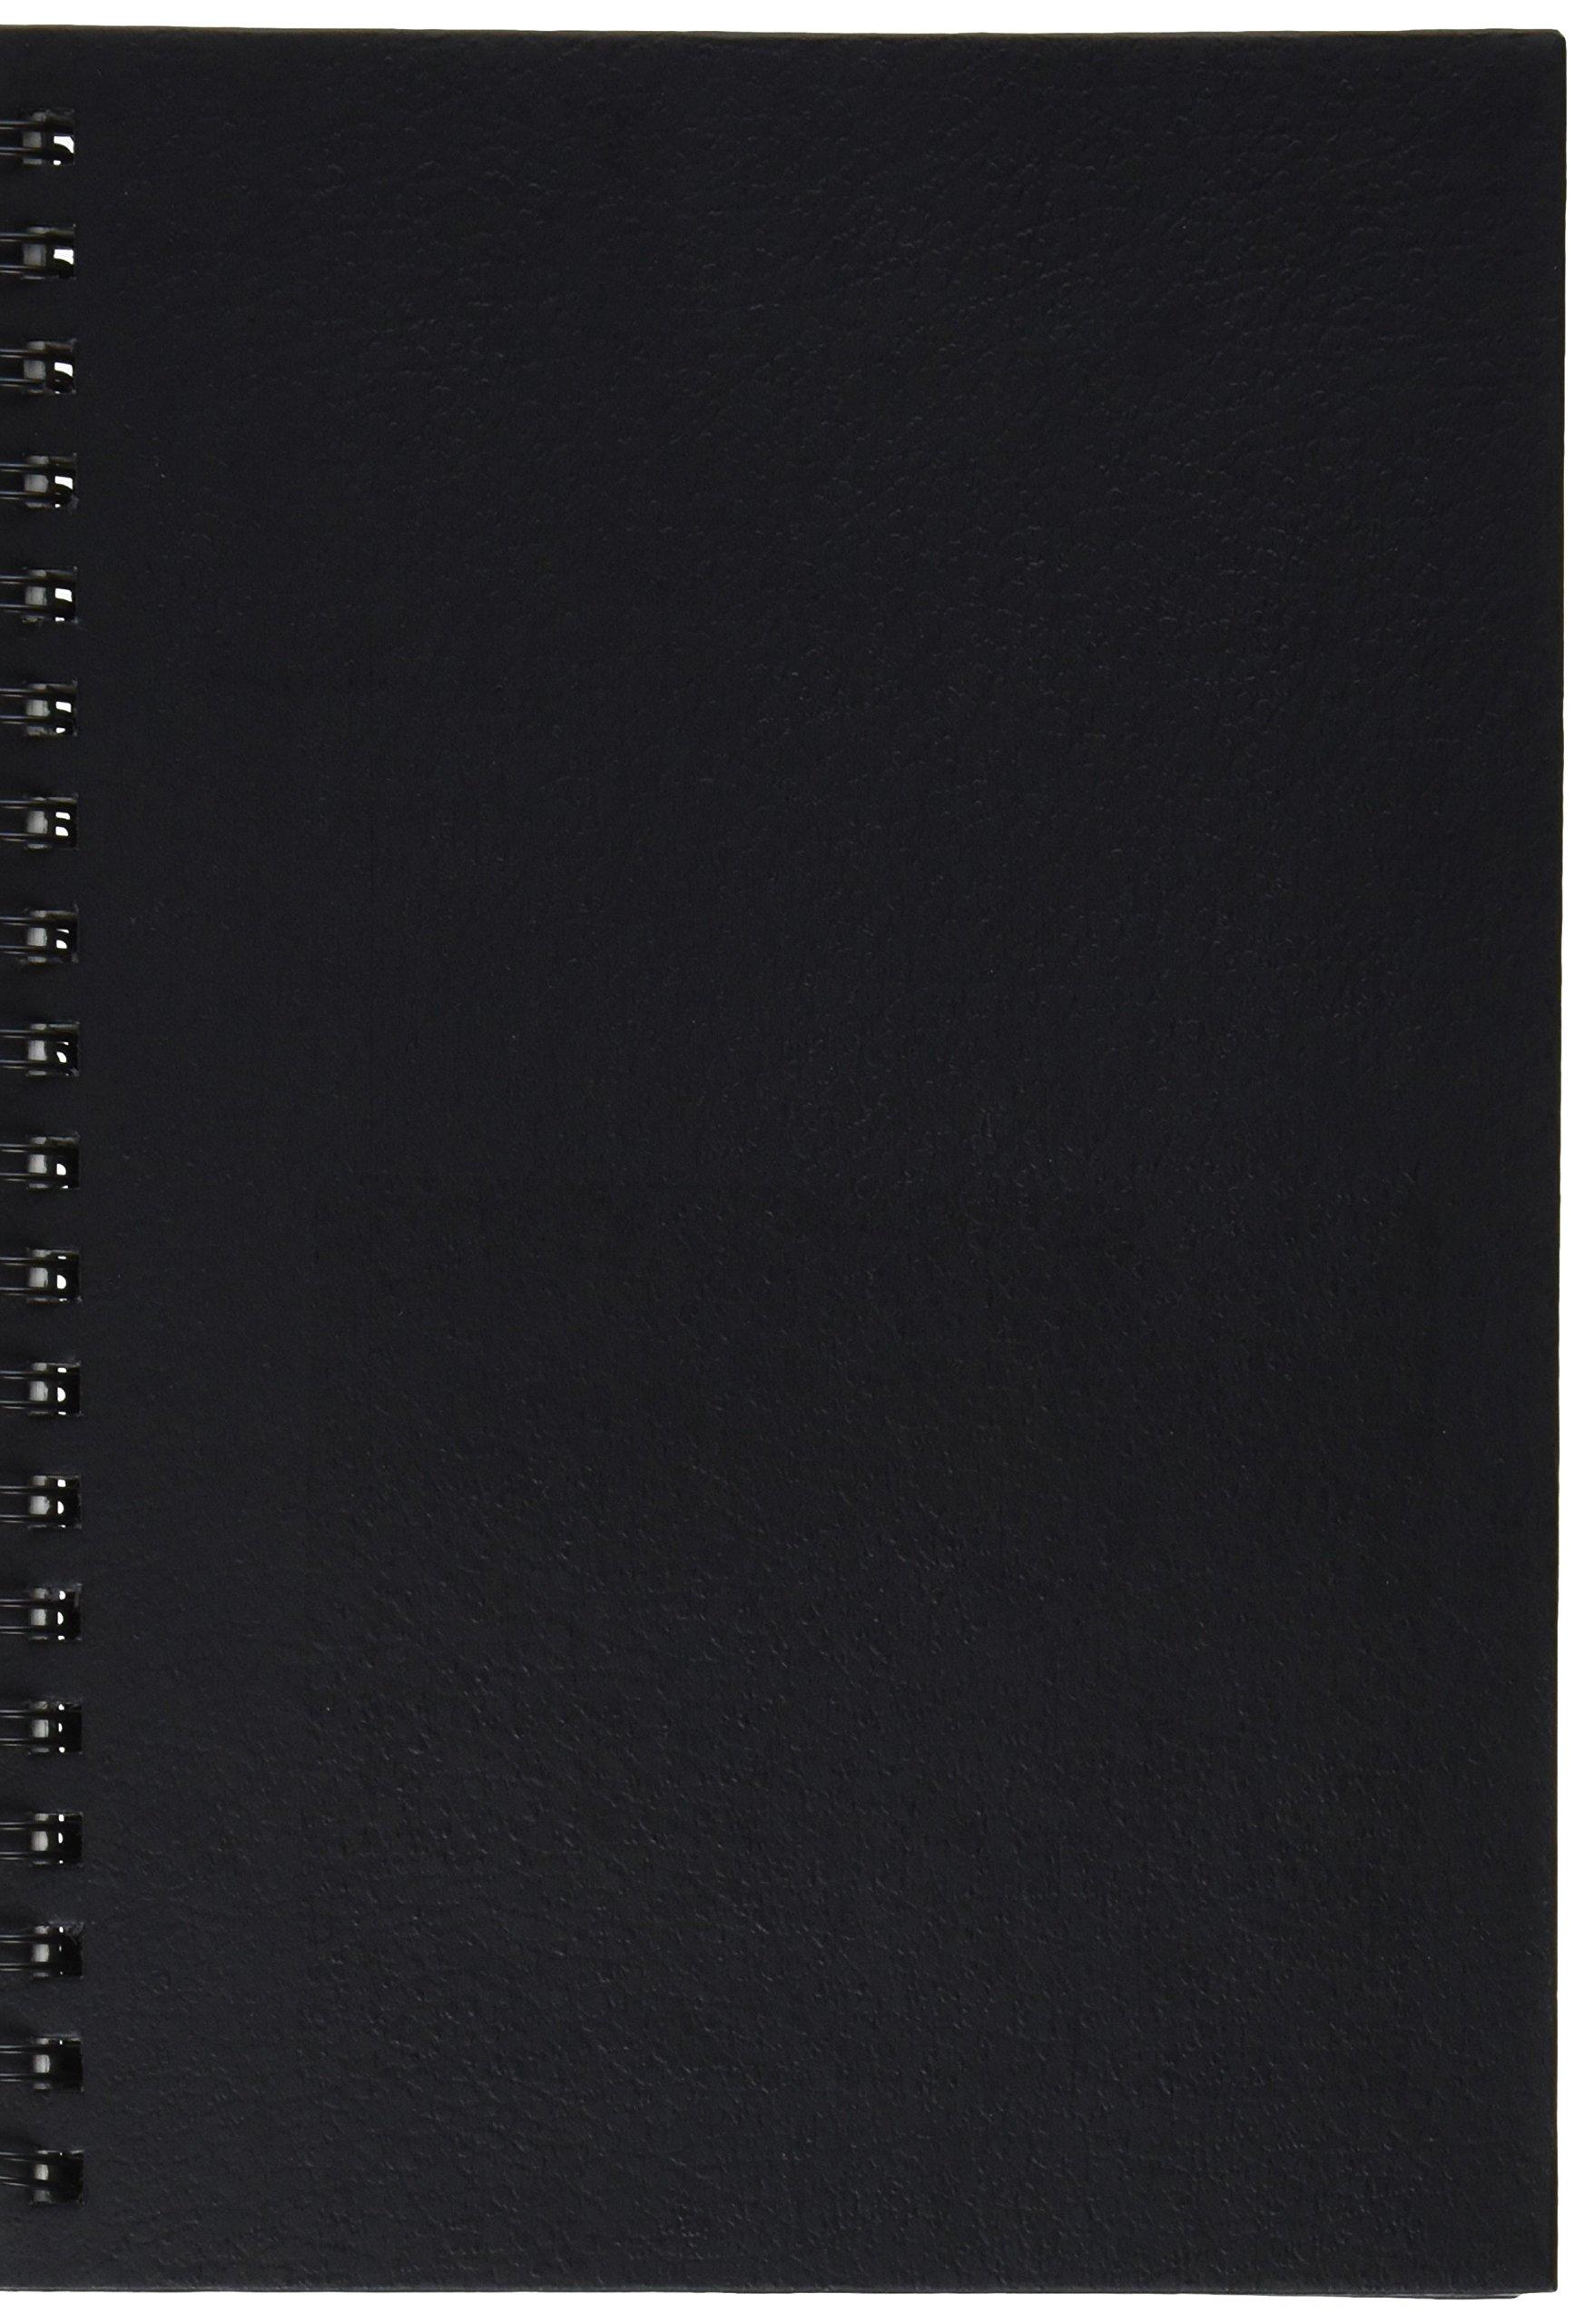 Canson ArtBook Artist Series 7'' x 10'' Wirebound Sketchbook (C100510427), 80 sheets/Pack